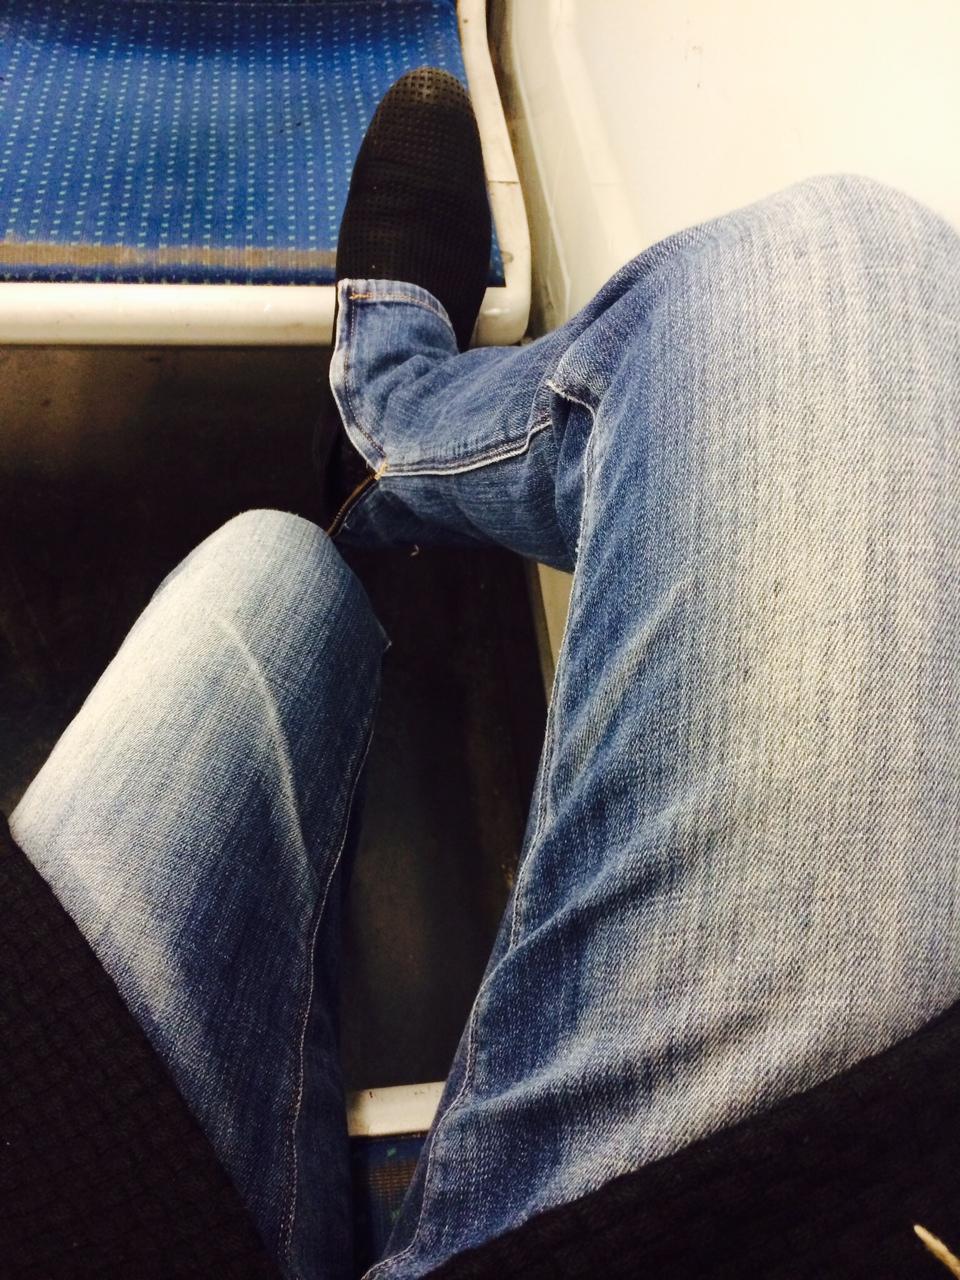 20150322 paris metro 2